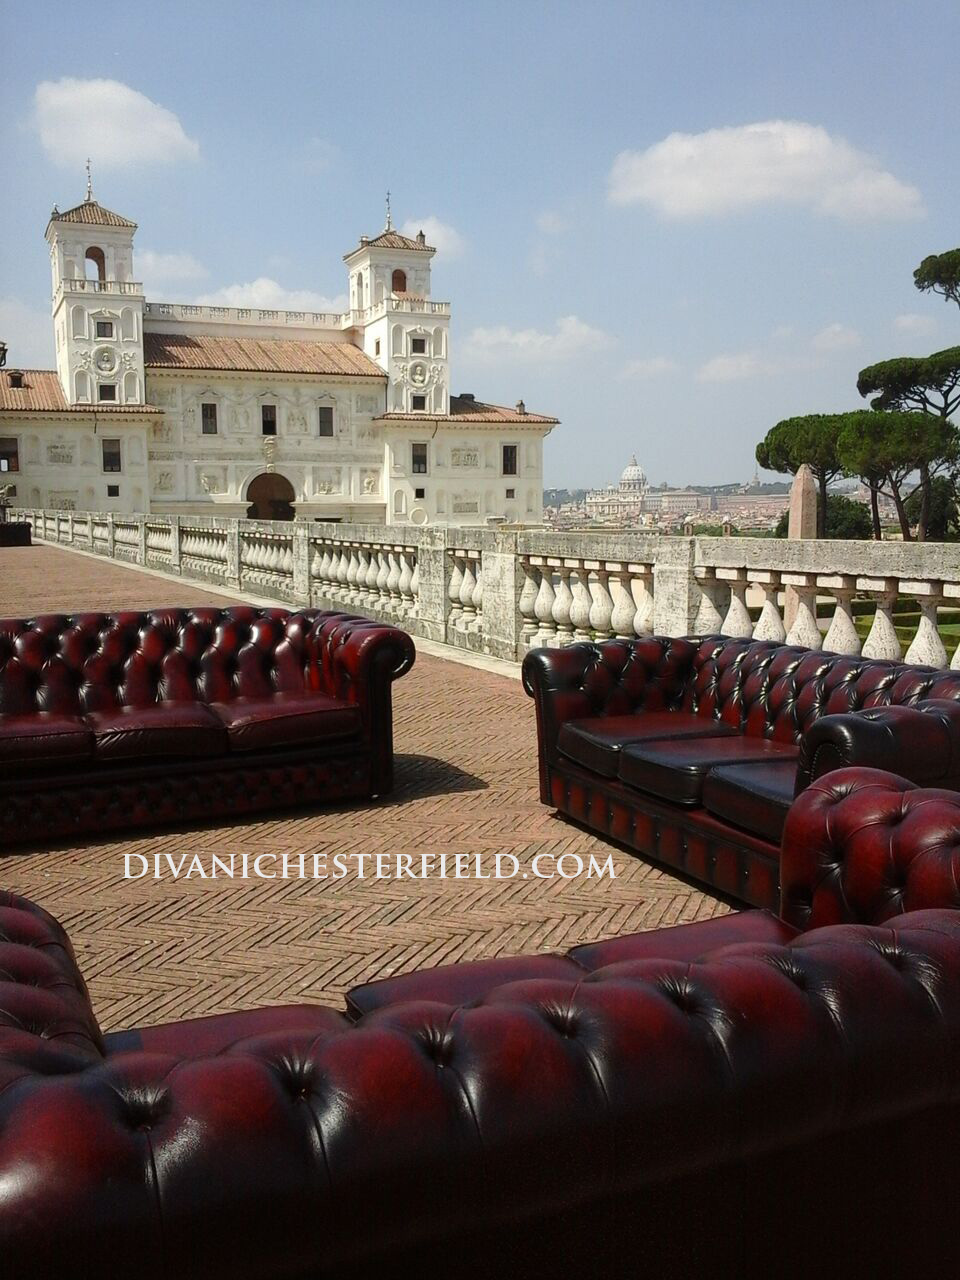 Divani chesterfield usati roma: divani chester classici.